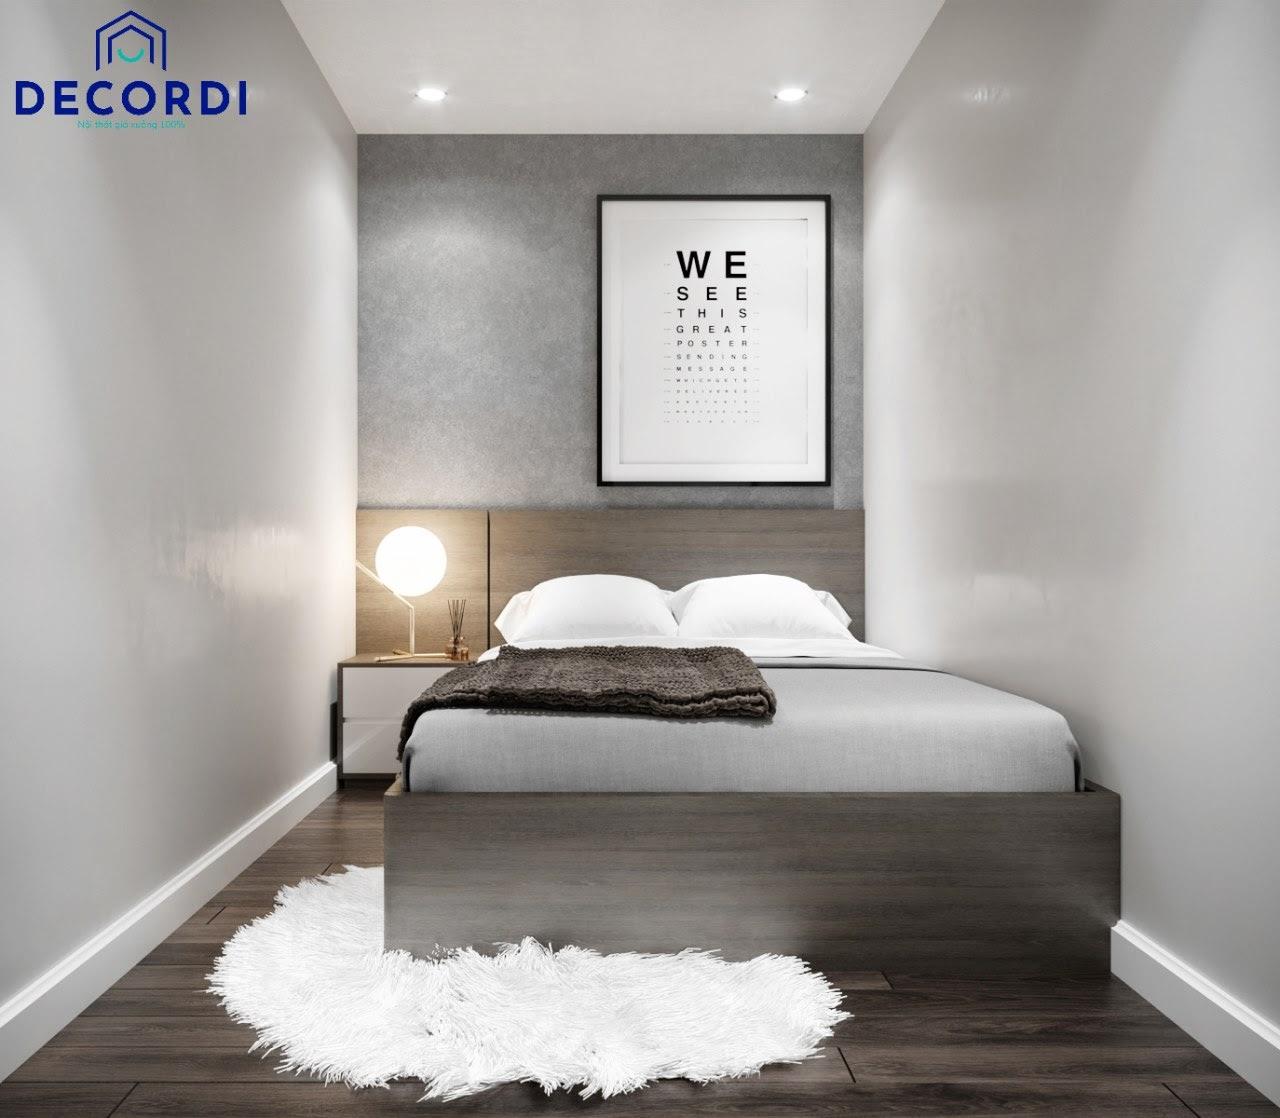 Mẫu phòng ngủ nhỏ đơn giản được lược bỏ nhiều món nội thất